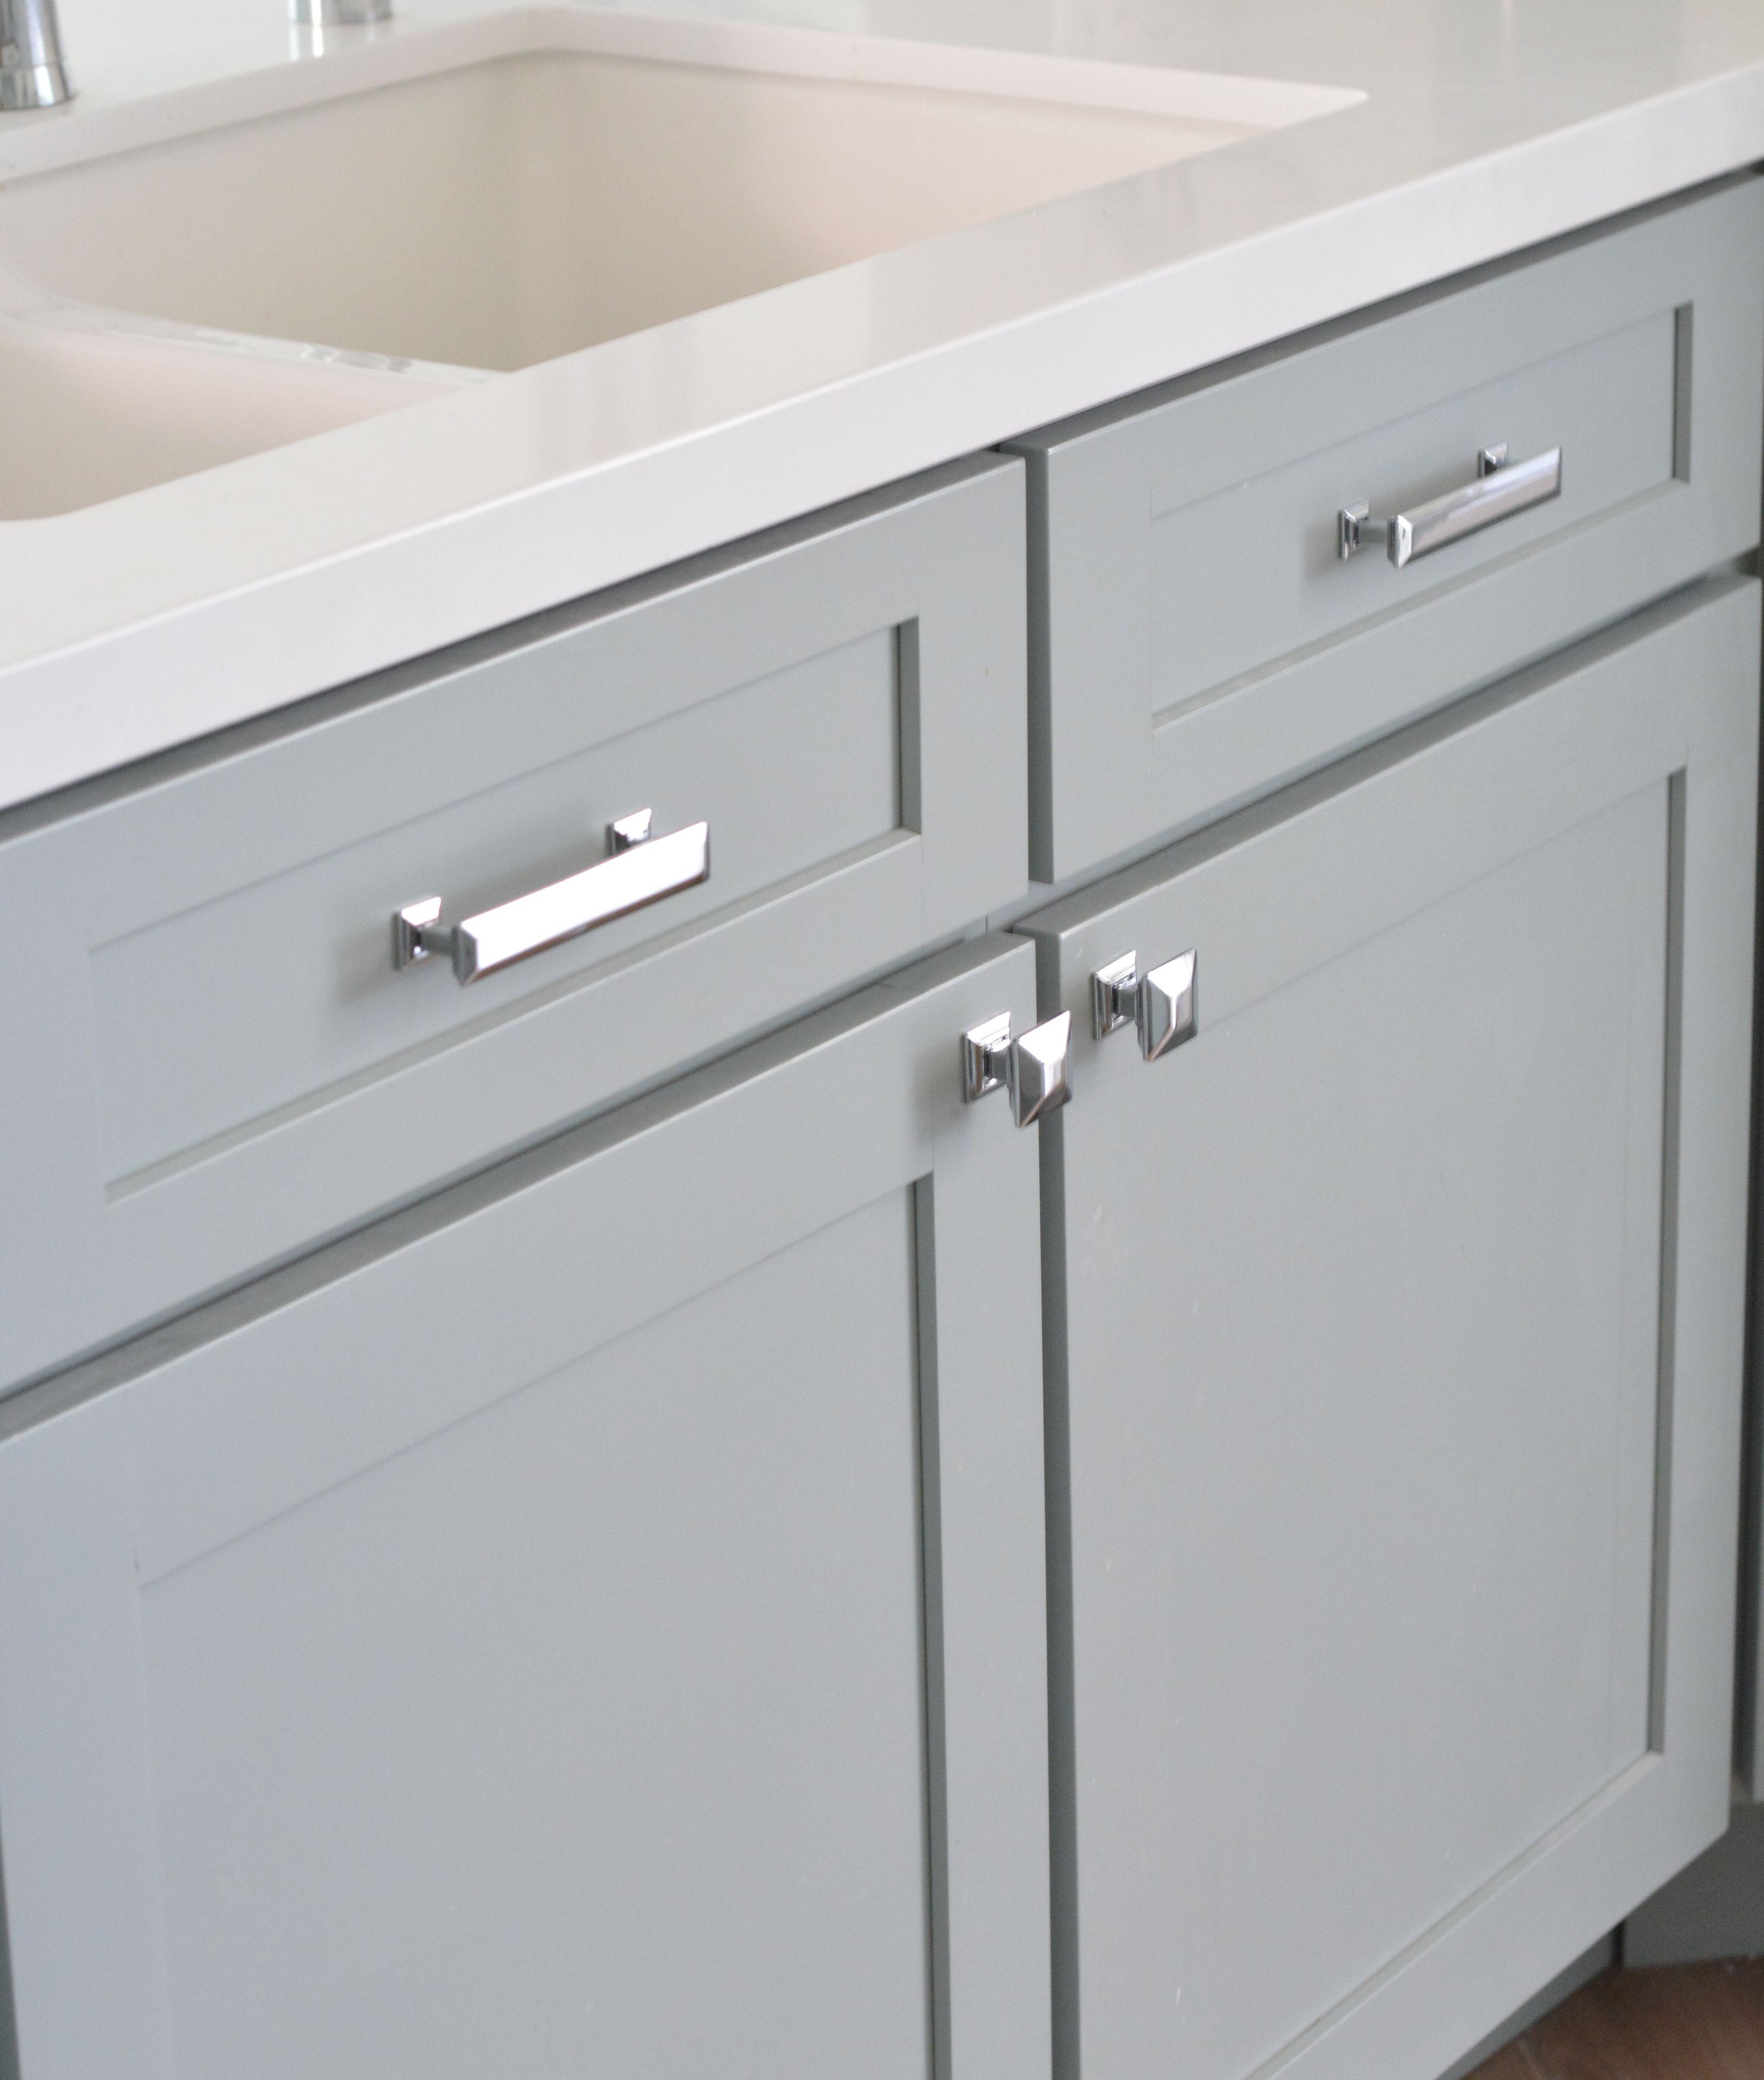 cabinet hardware | home ideas in 2018 | Pinterest | Kitchen ...